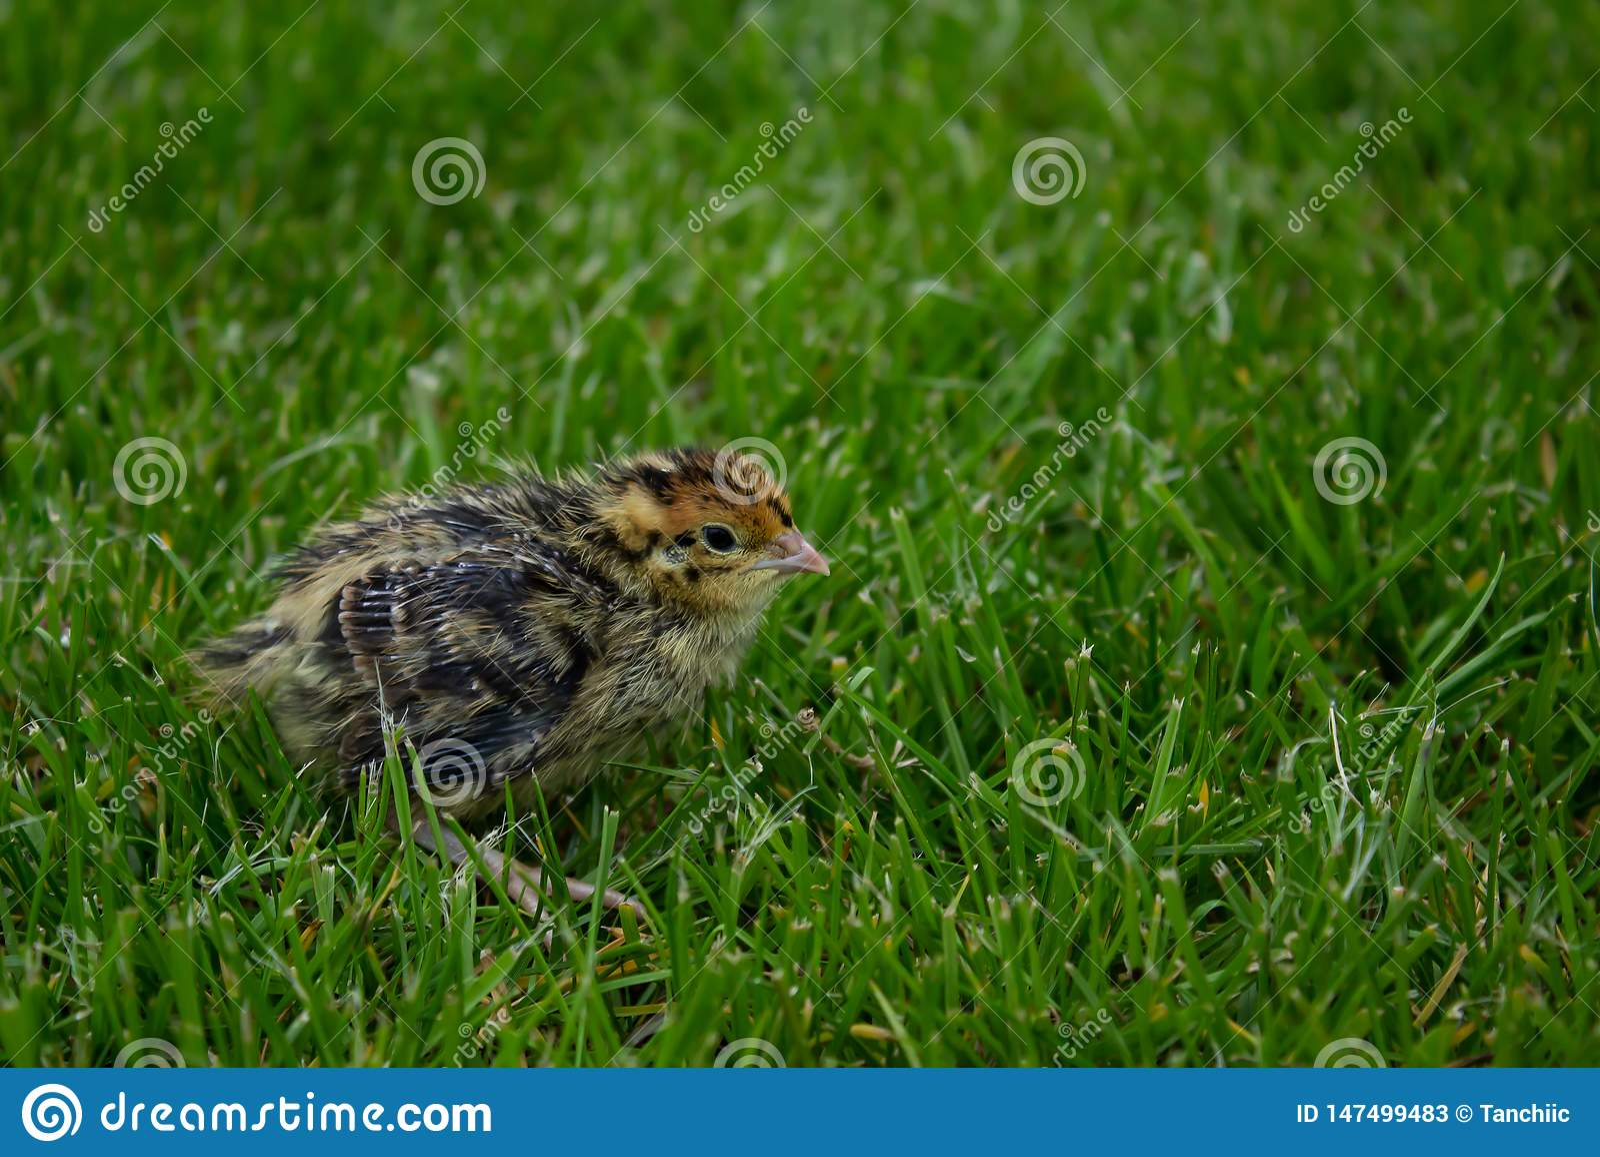 Pássaro de bebê das codorniz japonesas na grama verde